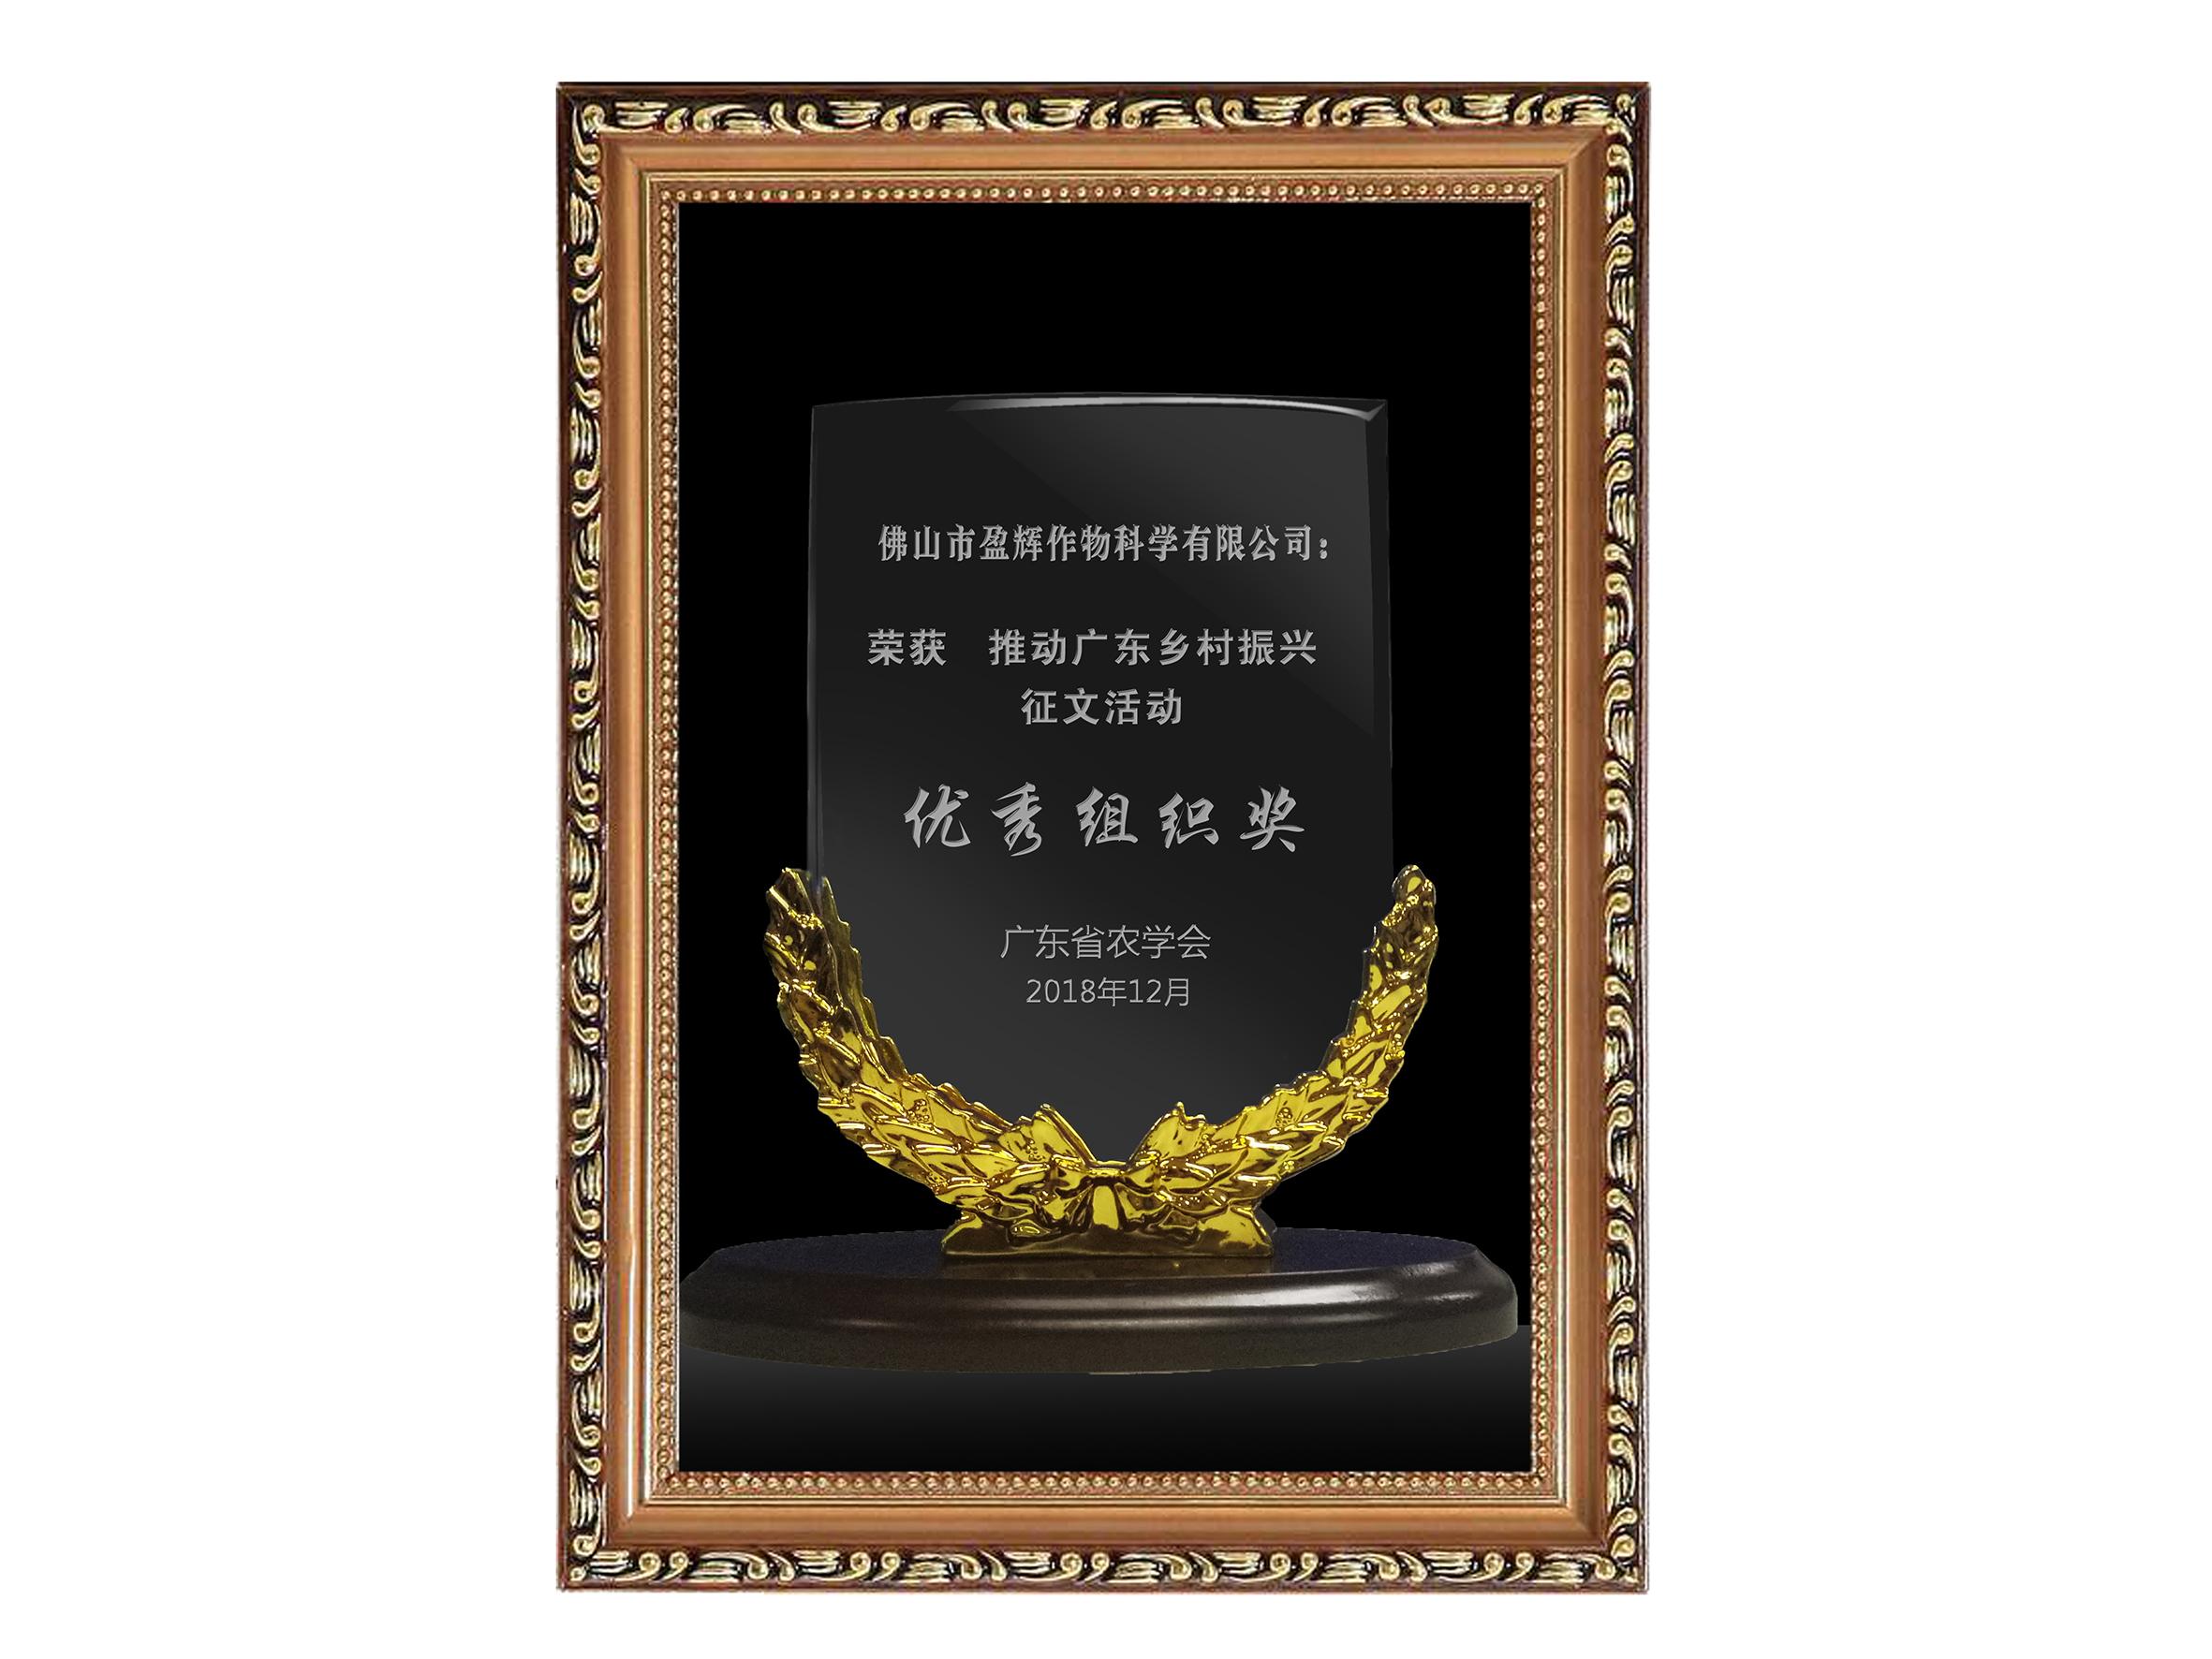 """201812 广东省农学会""""推动广东乡村振兴""""征文活动优秀组织奖牌"""